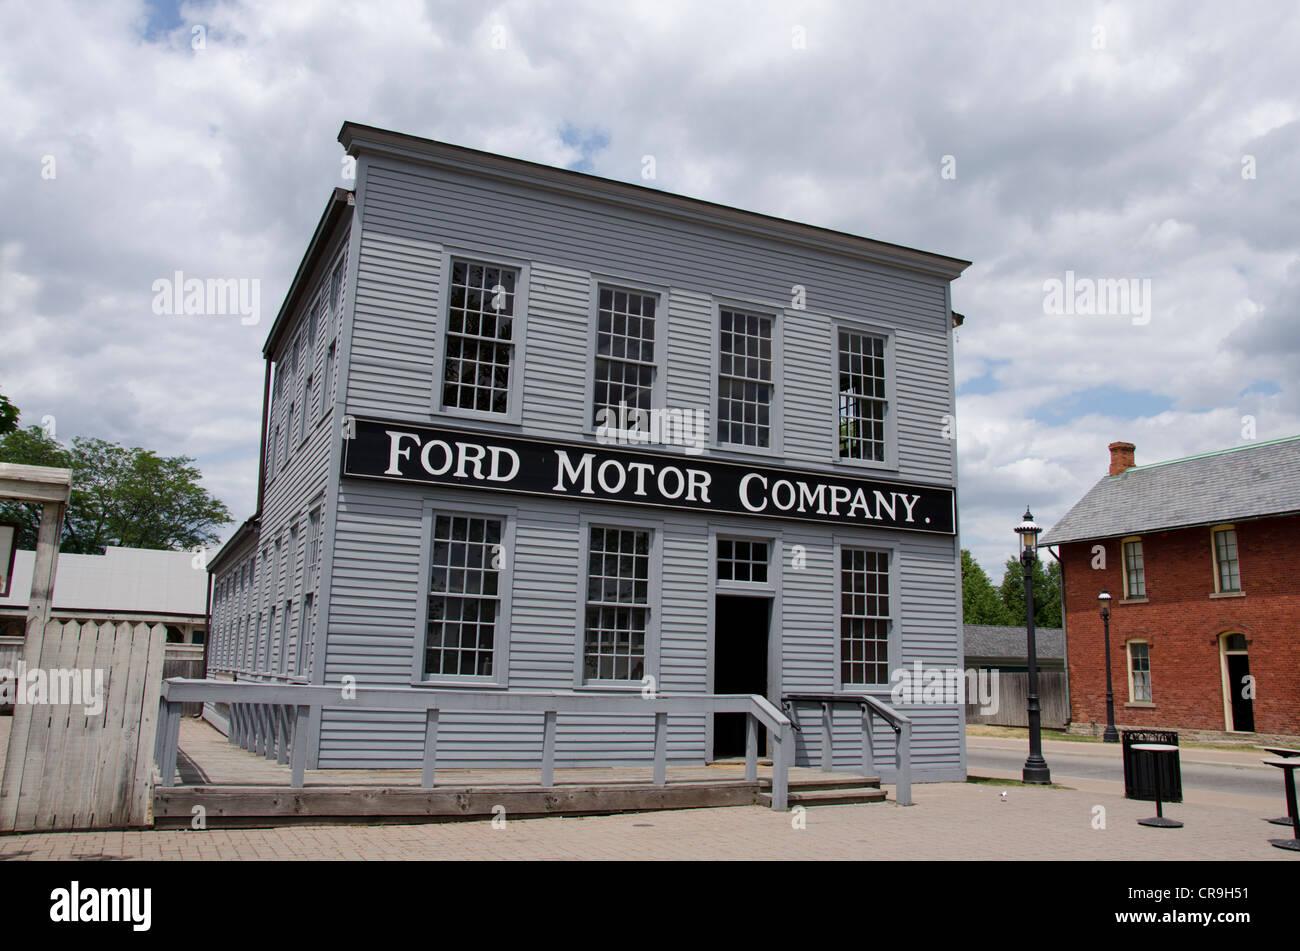 Michigan, wyandotte. Greenfield Village, die Heimat von fast 100 historische Gebäude aus dem 17. Jahrhundert. Stockbild